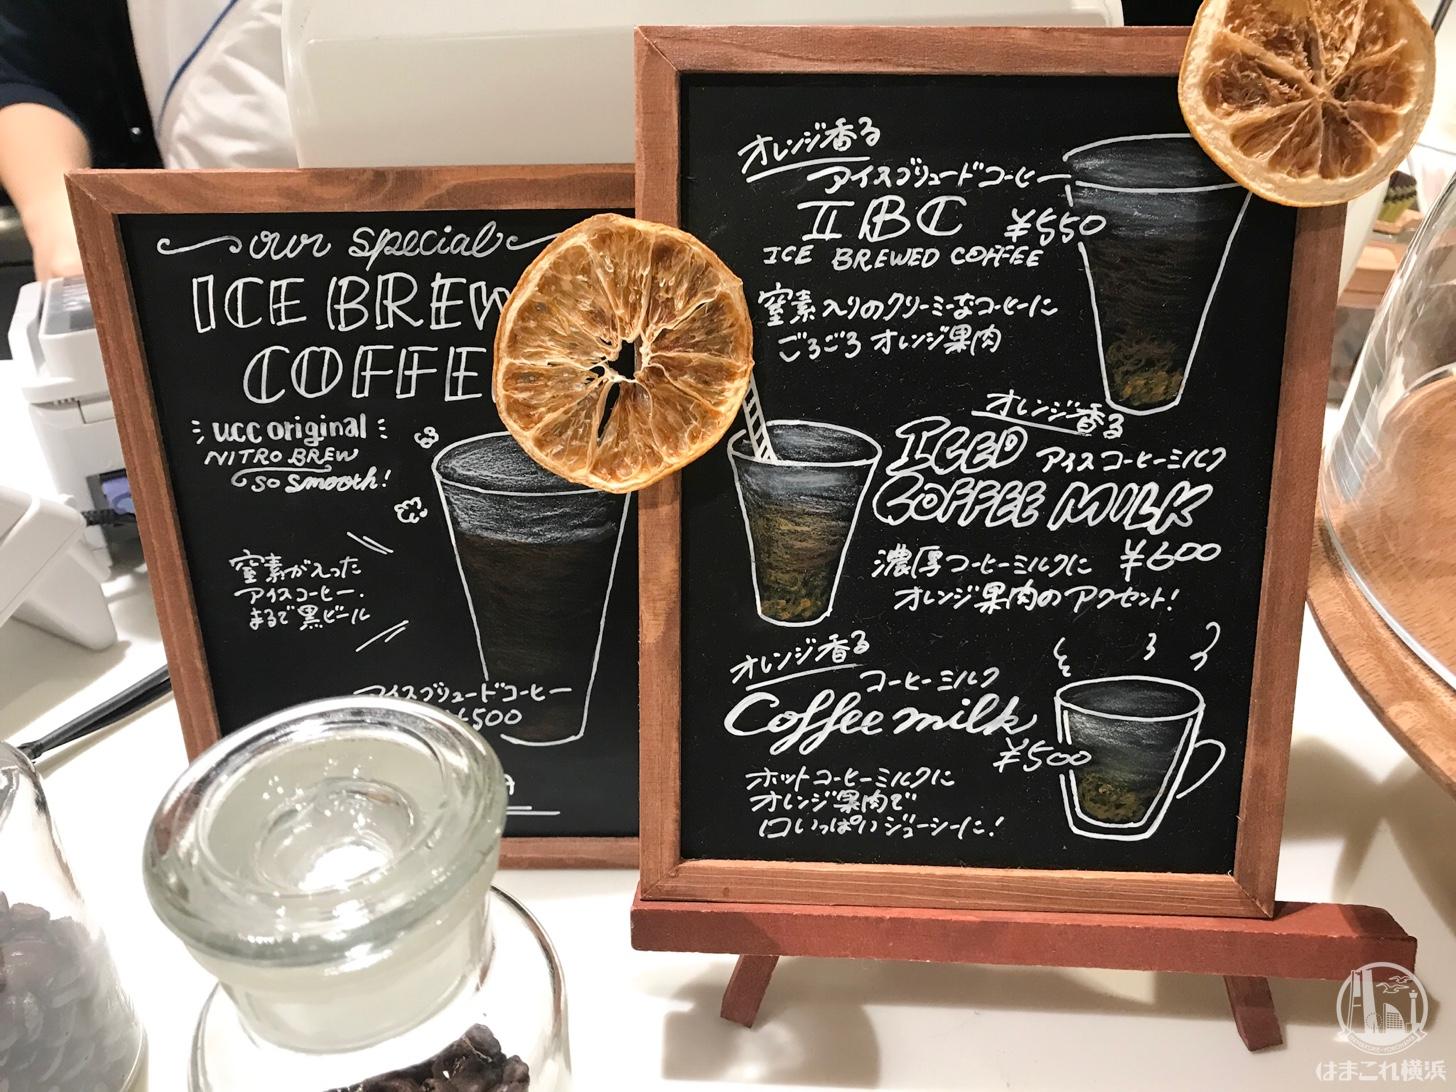 泡コーヒー アイスブリュードコーヒー メニュー